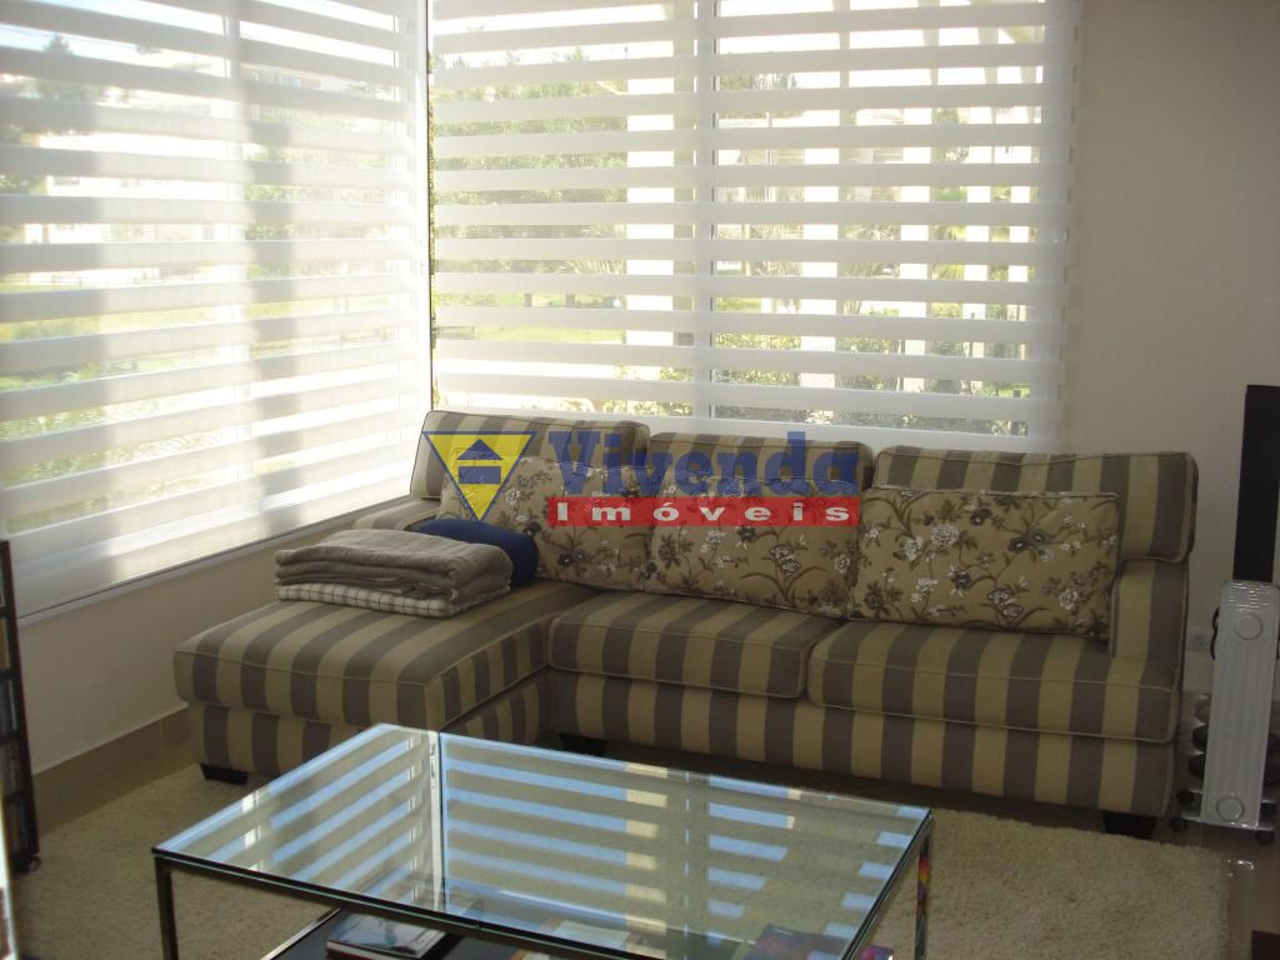 Casa De Condomãnio de 4 dormitórios à venda em Barueri, Barueri - SP